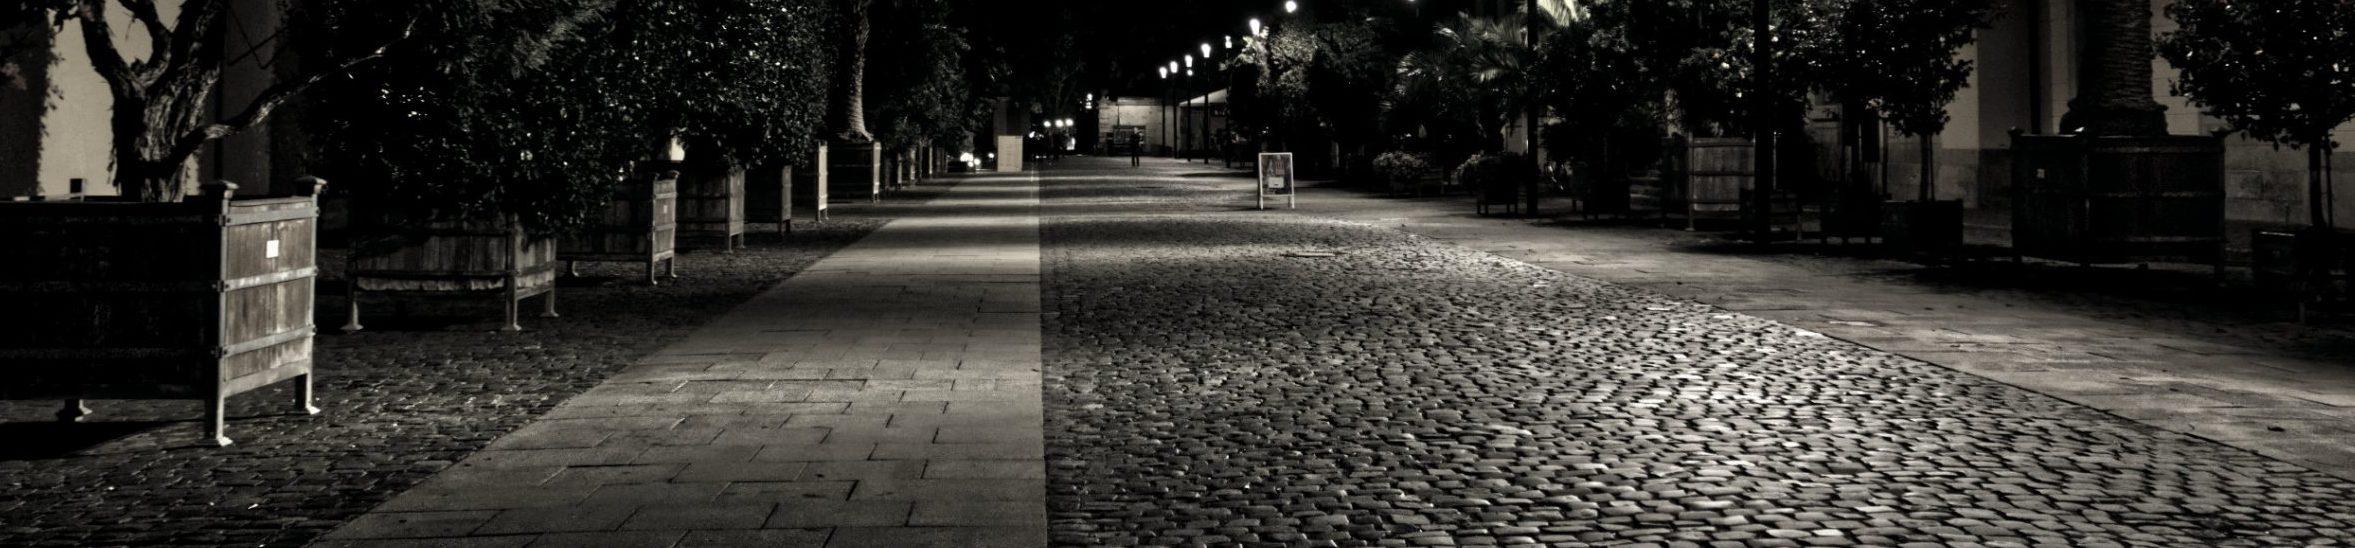 Beinsens Street Photographie